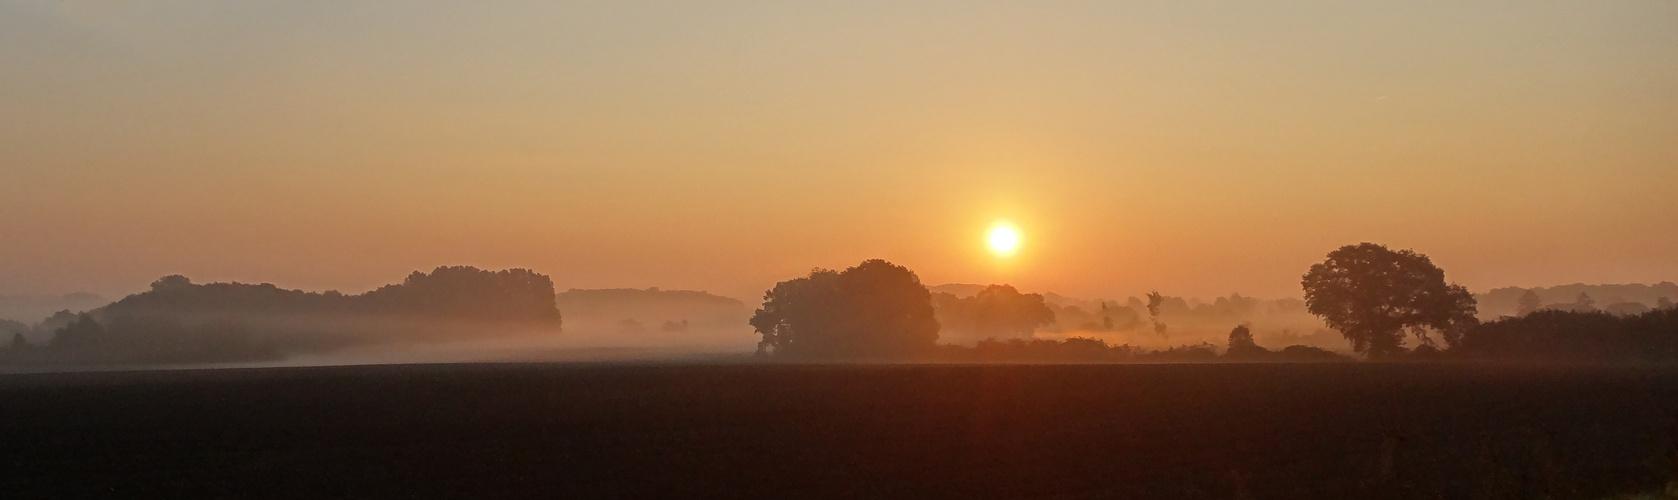 Septembermorgen...mit Sonne diesmal